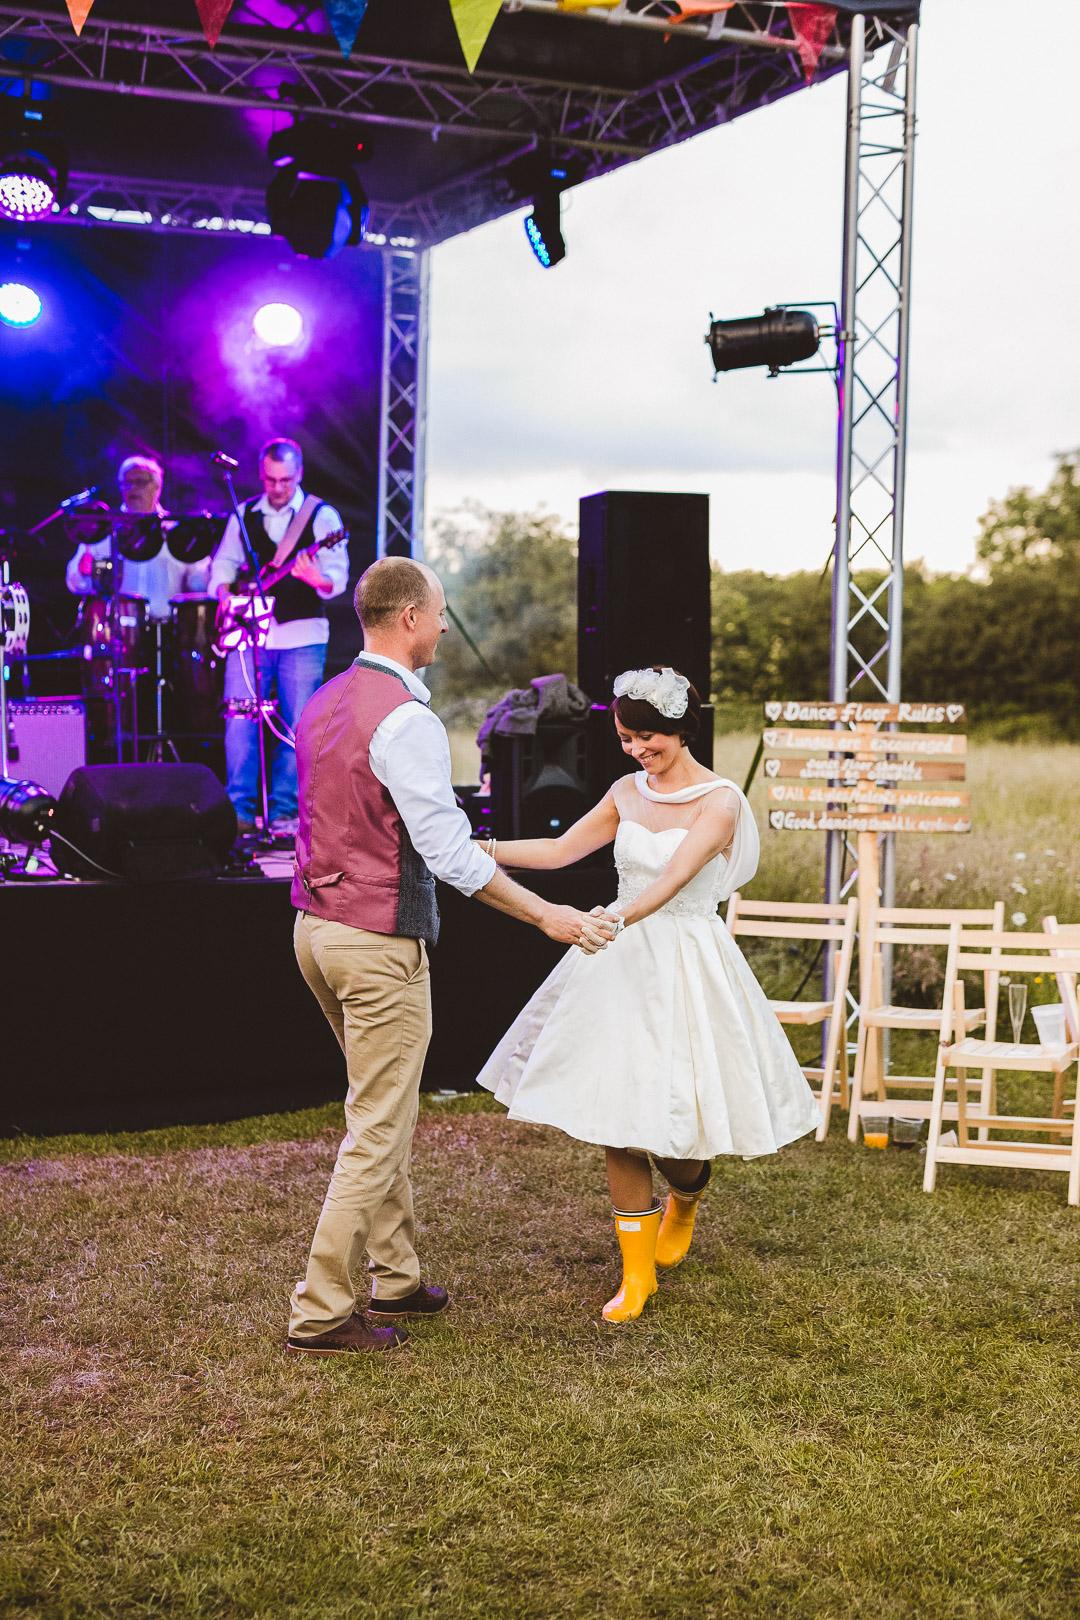 first-dance-jen-and-mat's-festival-wedding-at-Scraptoft farm